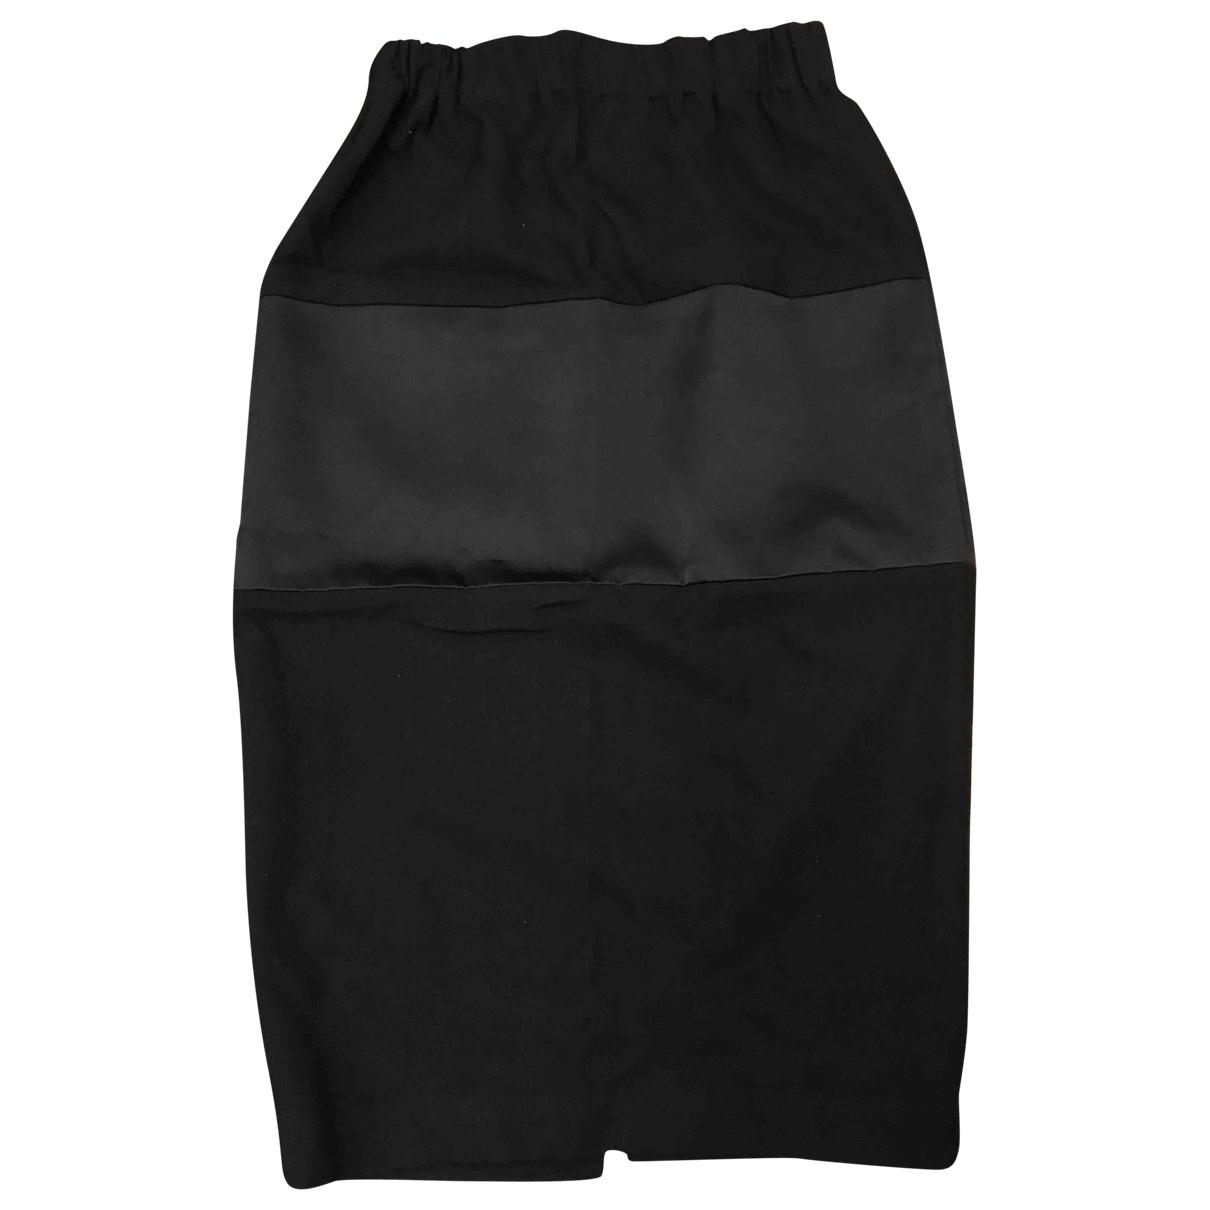 & Stories \N Black Patent leather skirt for Women 34 FR